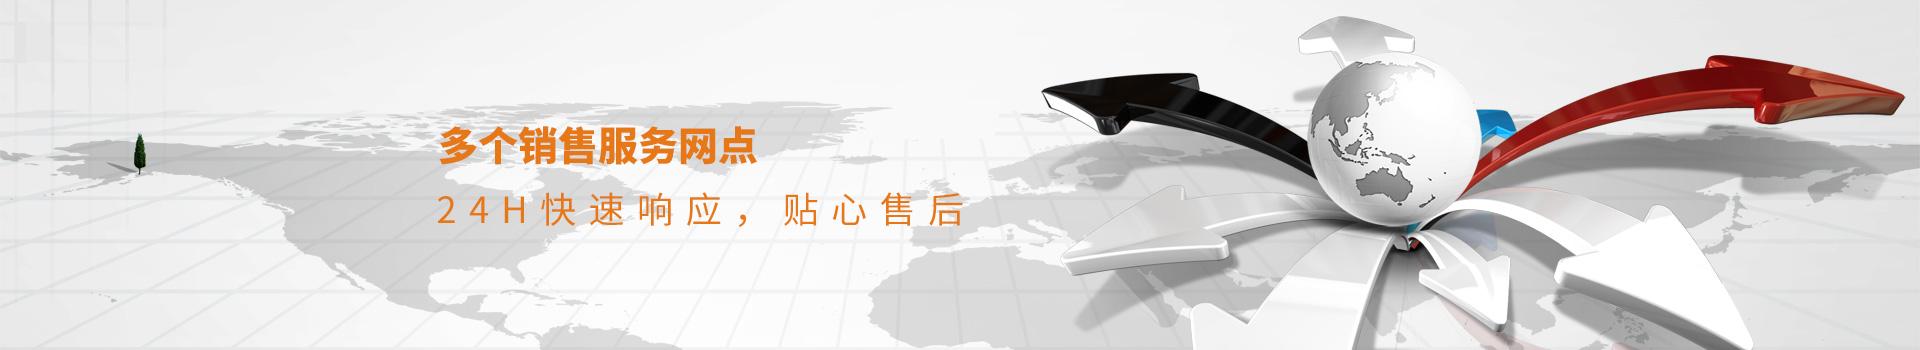 汉神-多个销售服务网点 24H快速响应,贴心售后